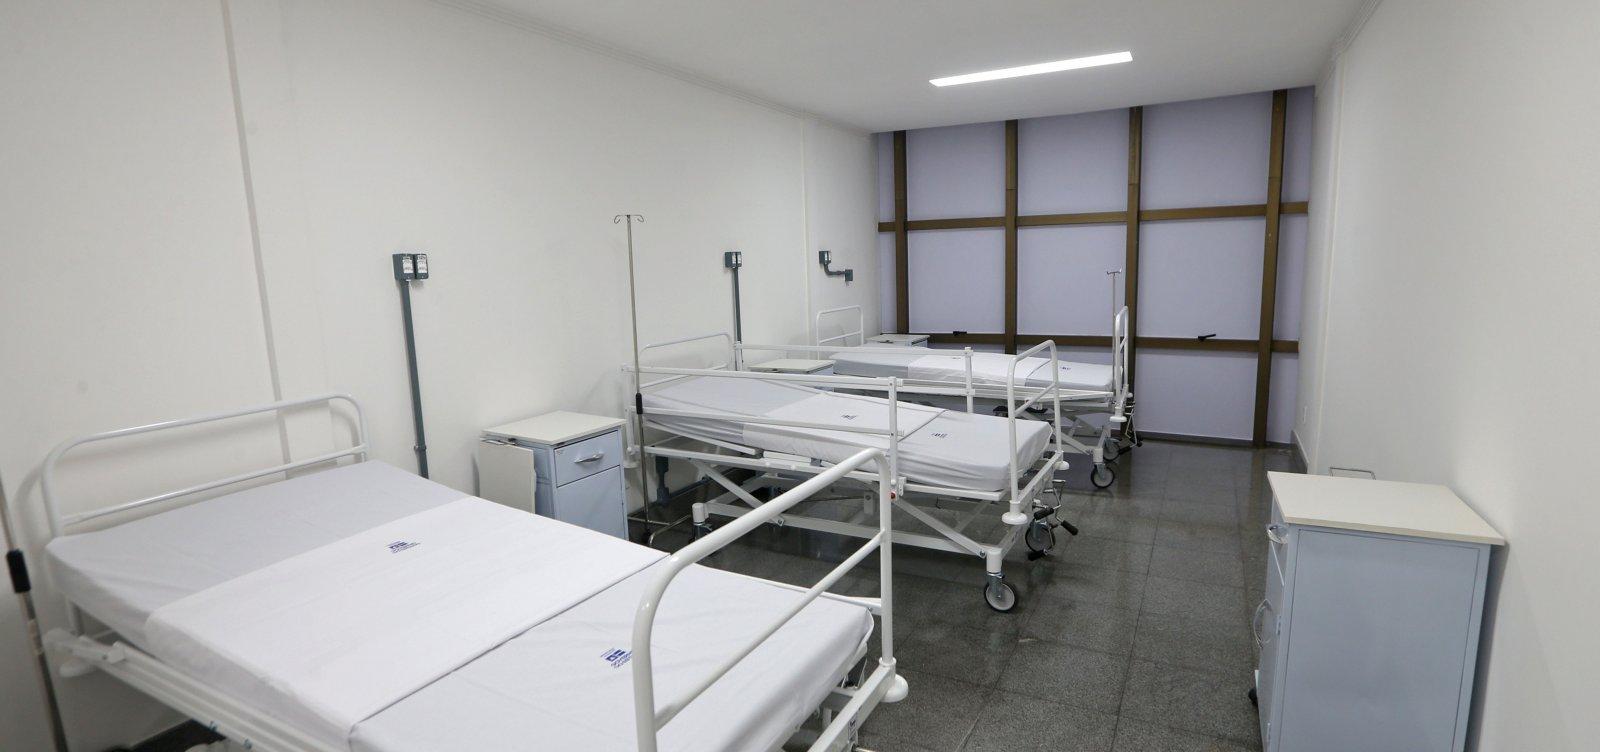 [Bahia tem mais 388 casos de Covid-19 e mais 11 mortes nas últimas 24h]